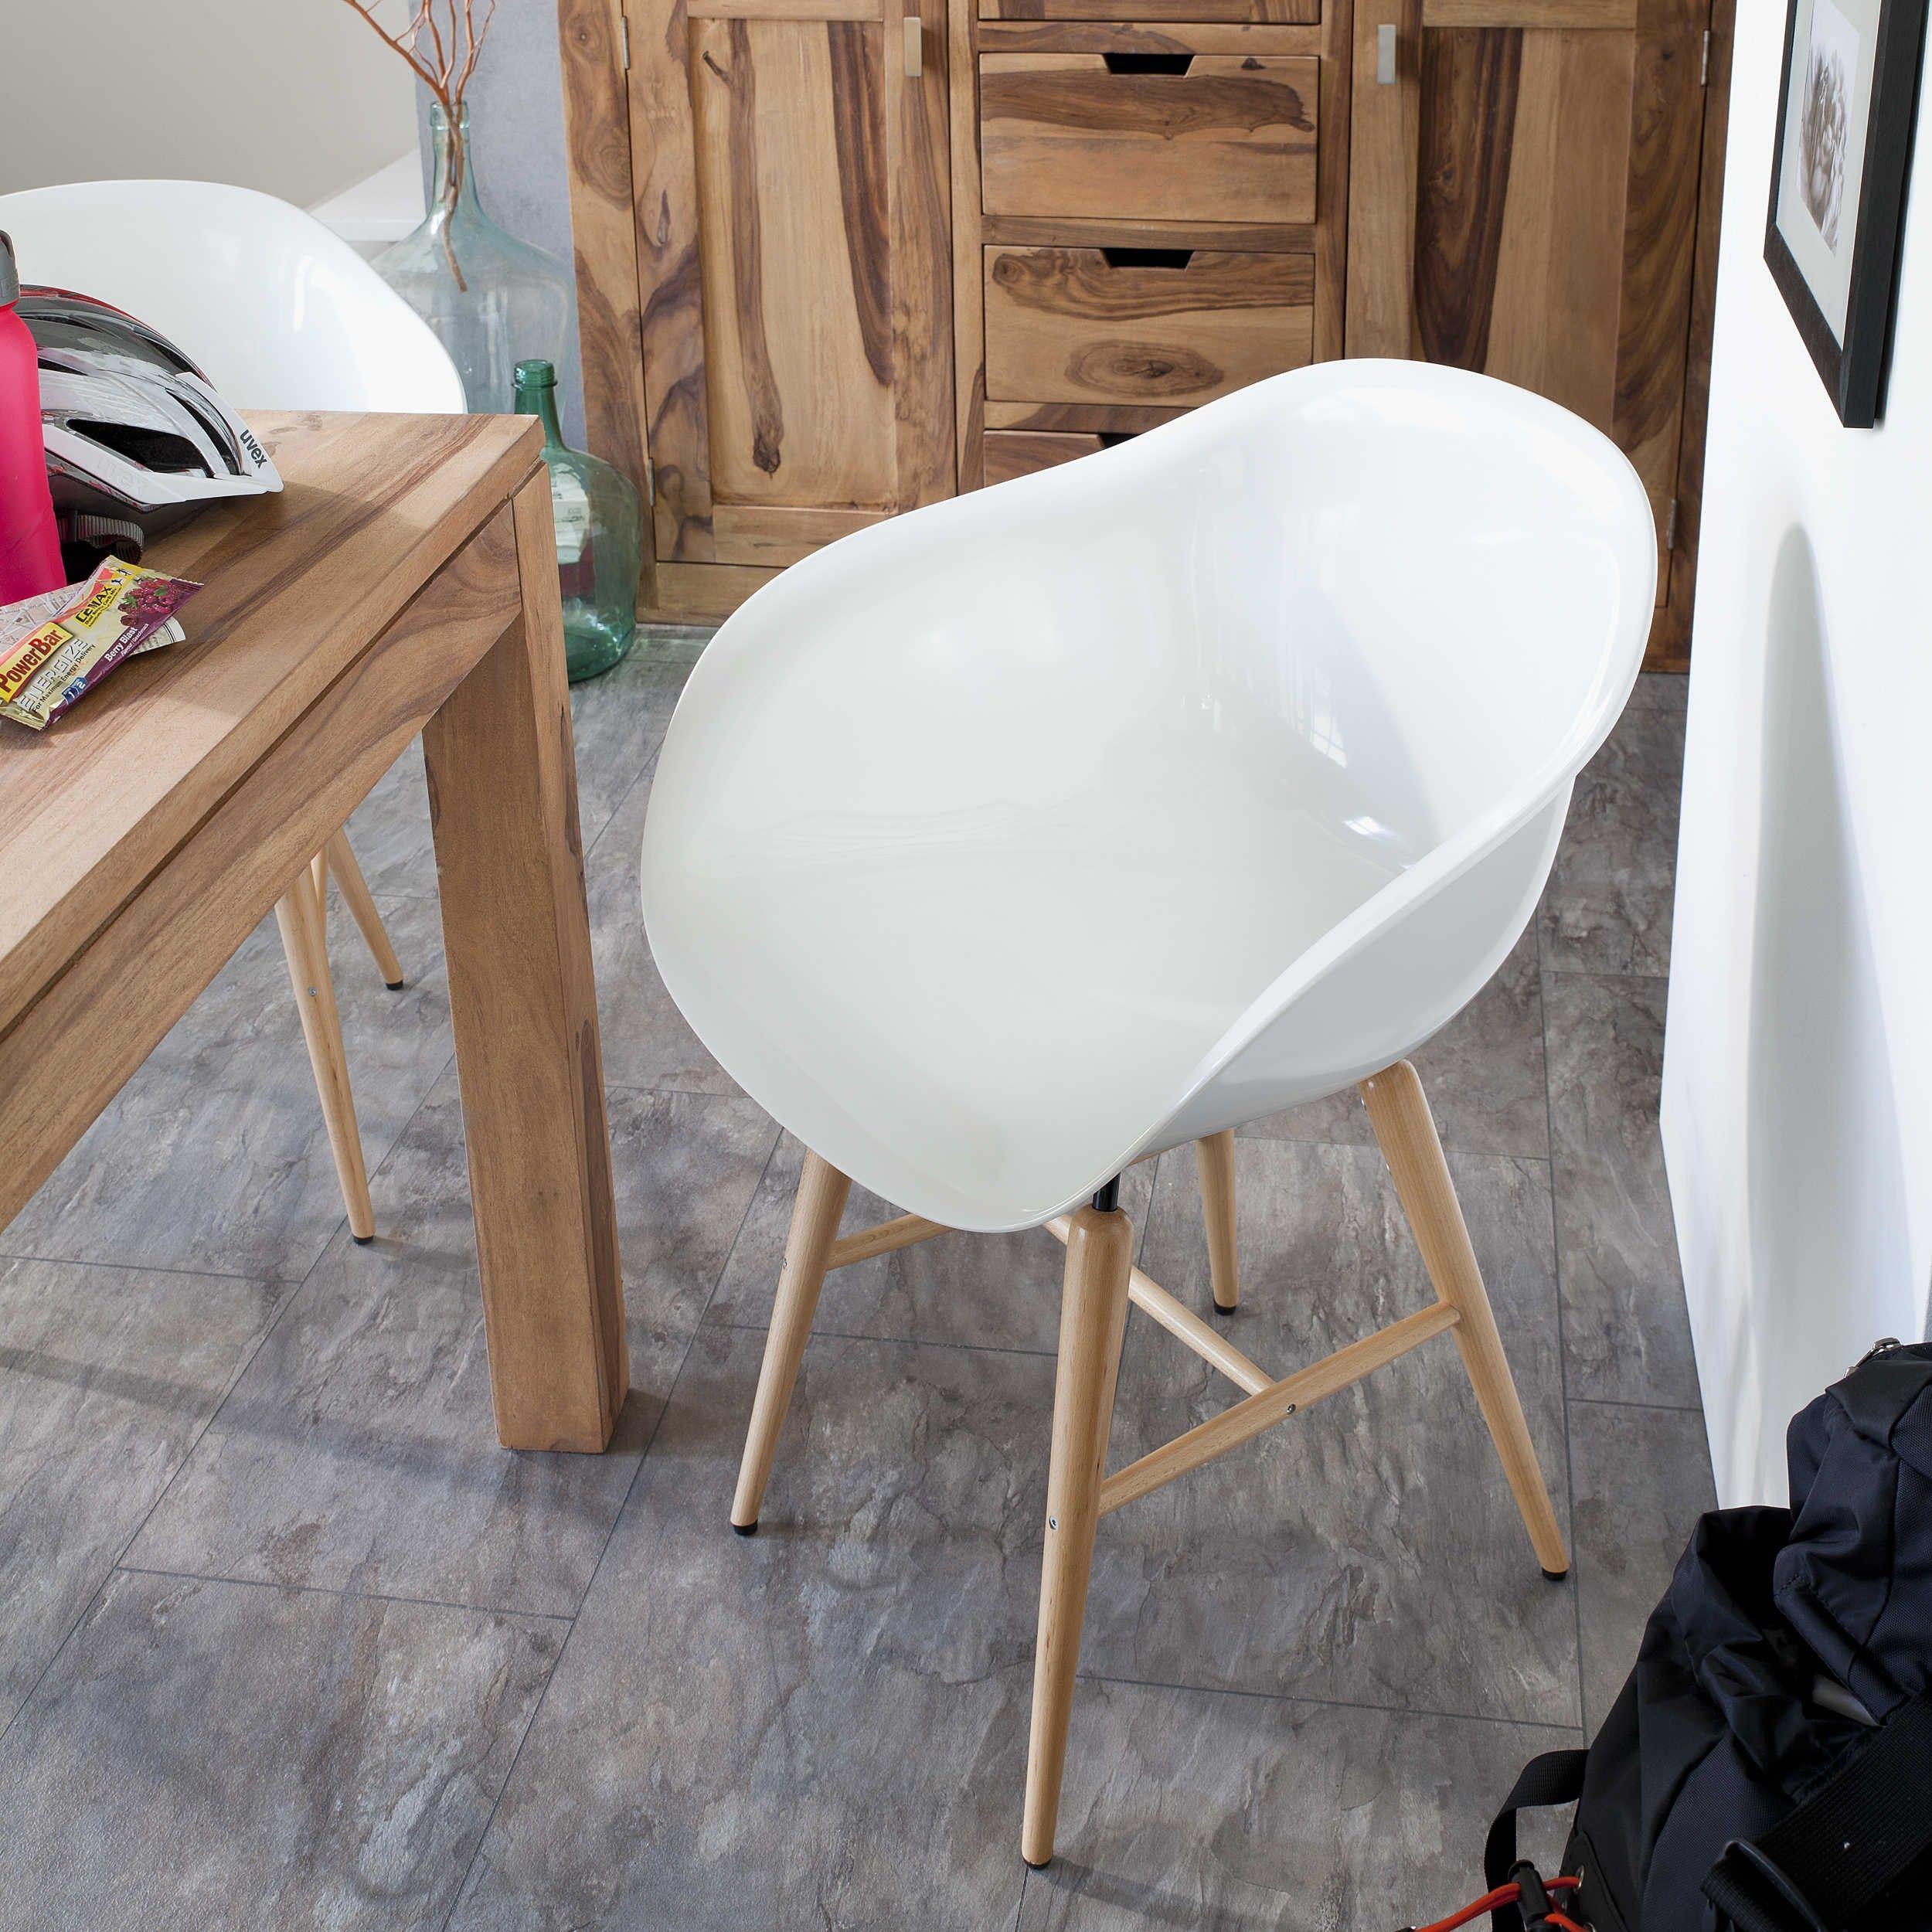 Kare Stuhl Forum Wood, Weiß   4 Fuß Stühle   Stühle U0026 Freischwinger    Esszimmer